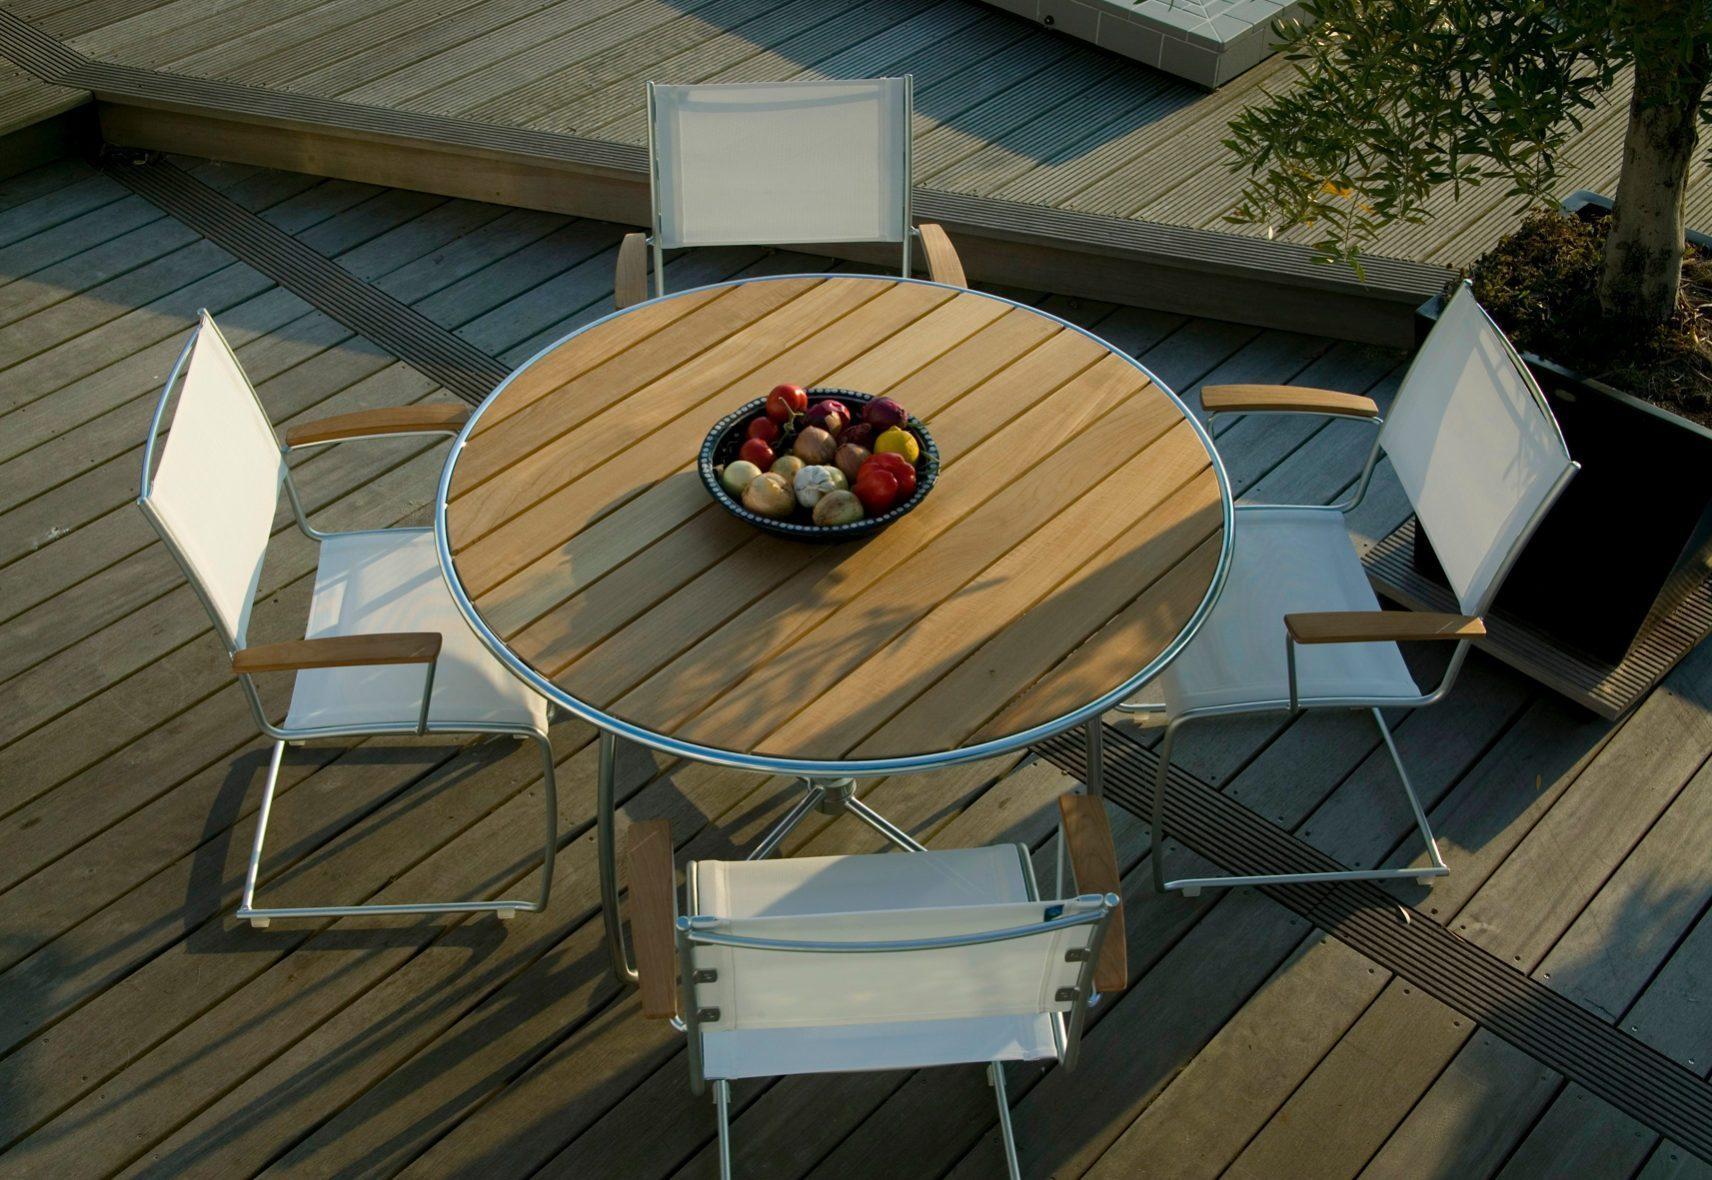 Spring matgrupp designad av Staffan Hultgren, här med stolar i vit textilene och detaljer i teak med tillhörande bord.